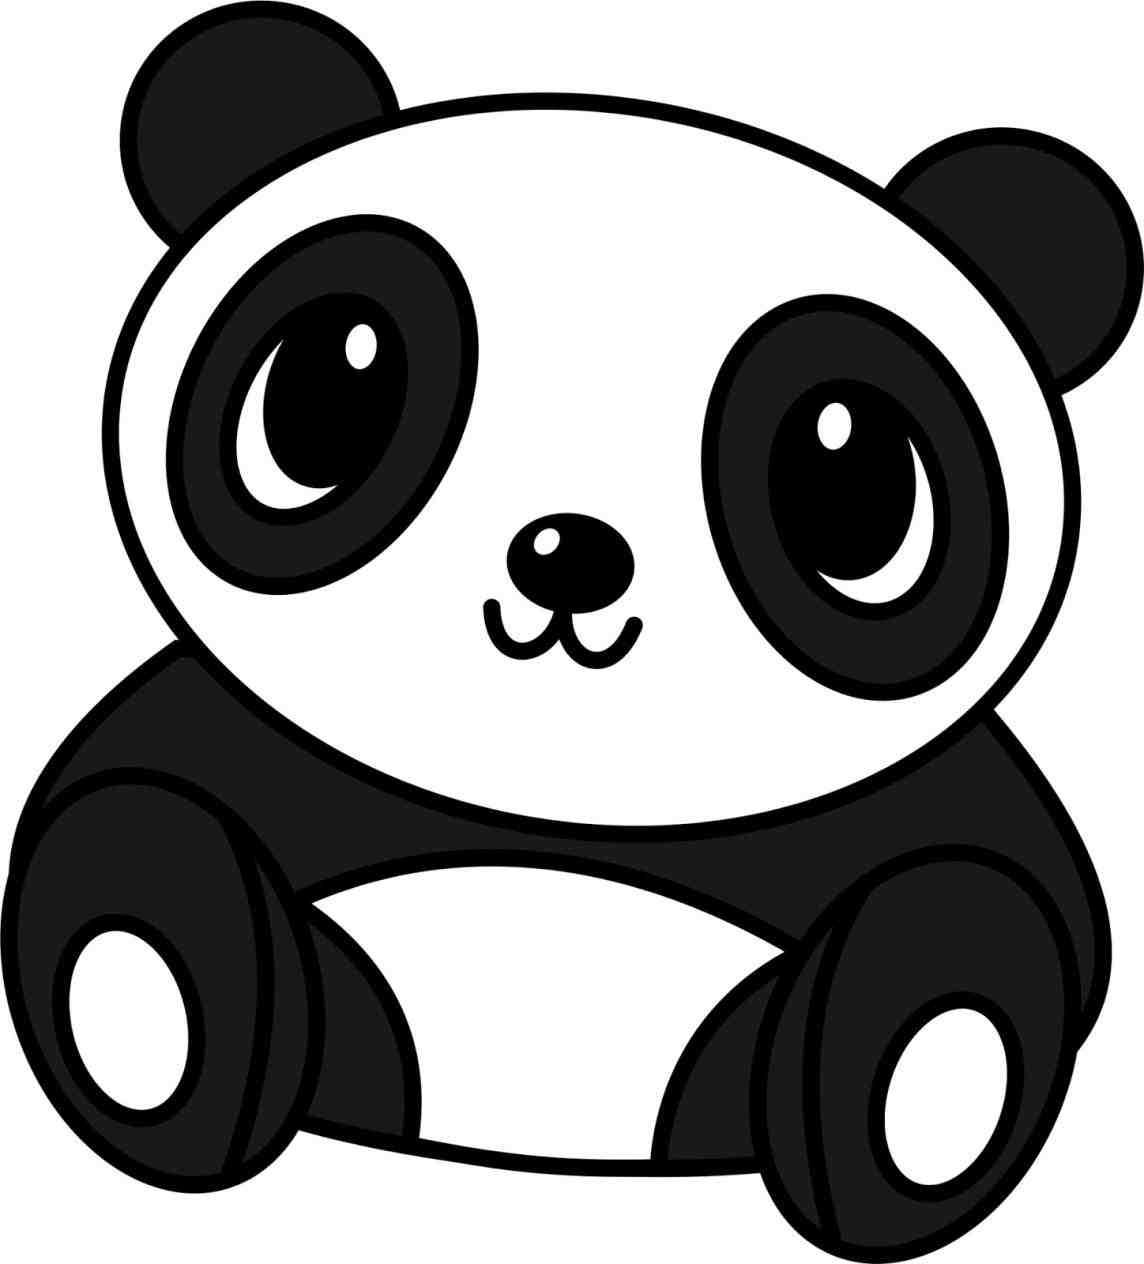 1144x1264 Cartoon S From Cute Panda Love Drawings The Word Step